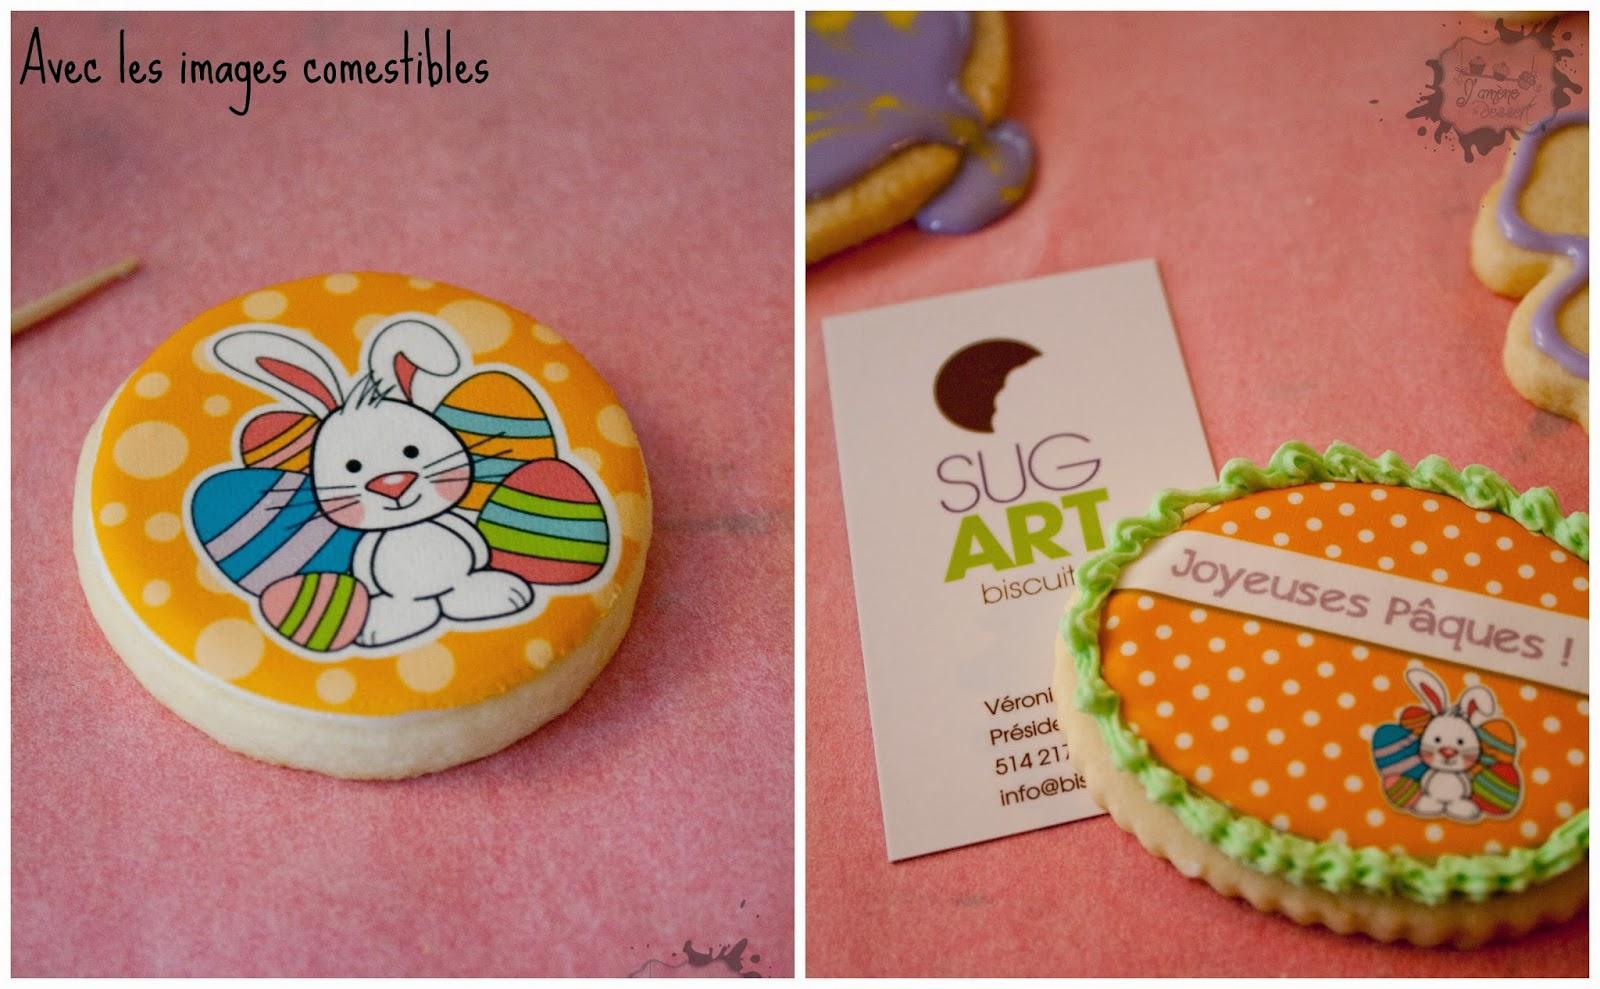 sug'art, cours de biscuits décorés